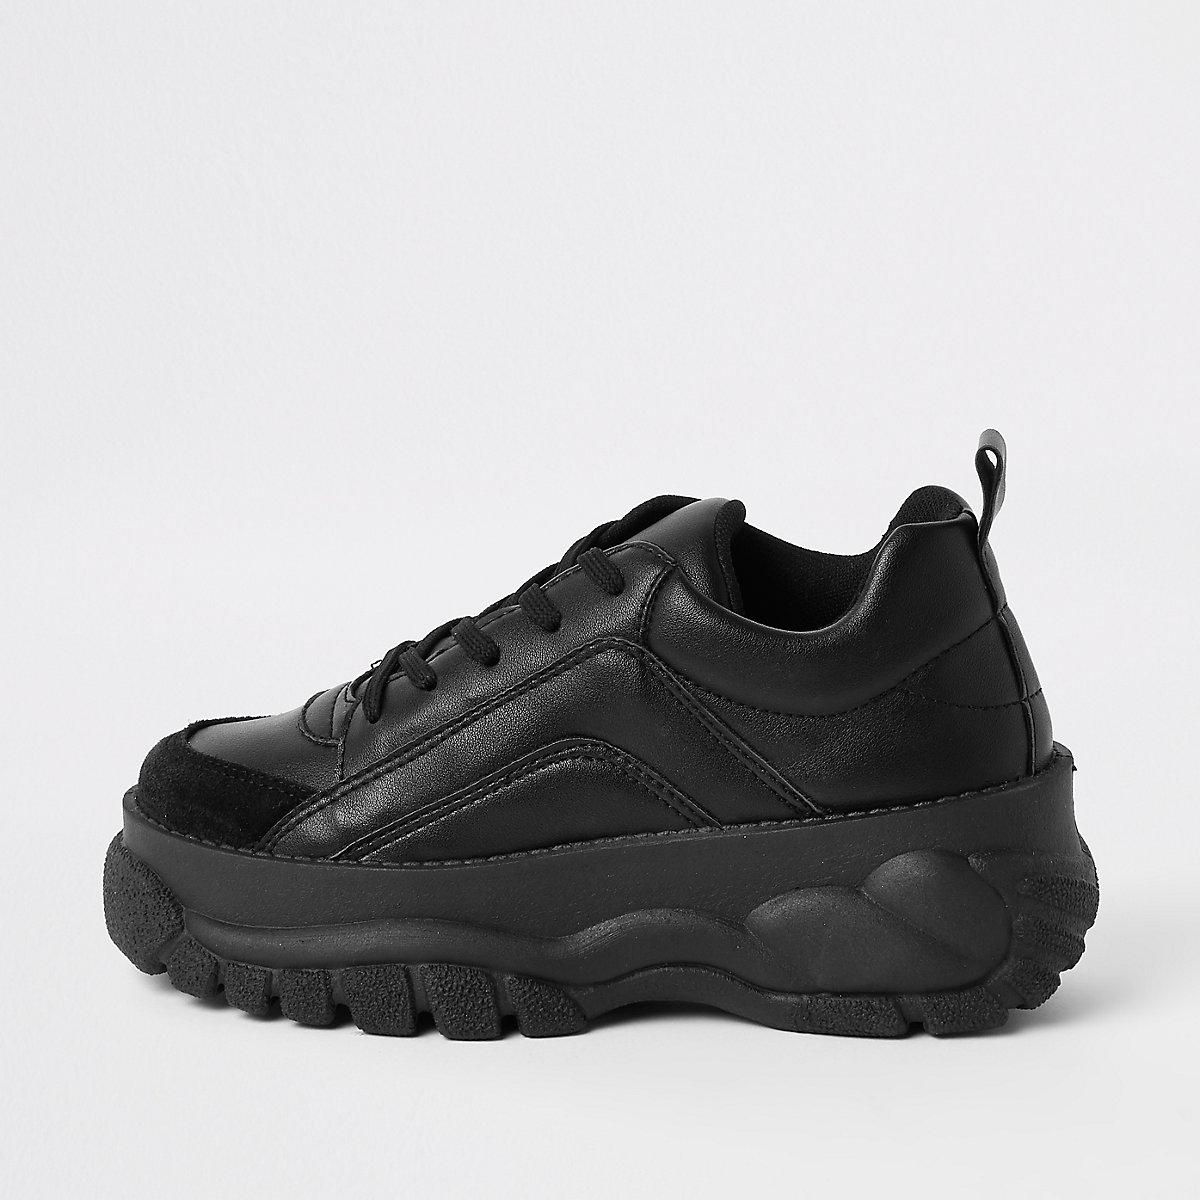 Zwarte stevige vetersneakers van imitatiebont